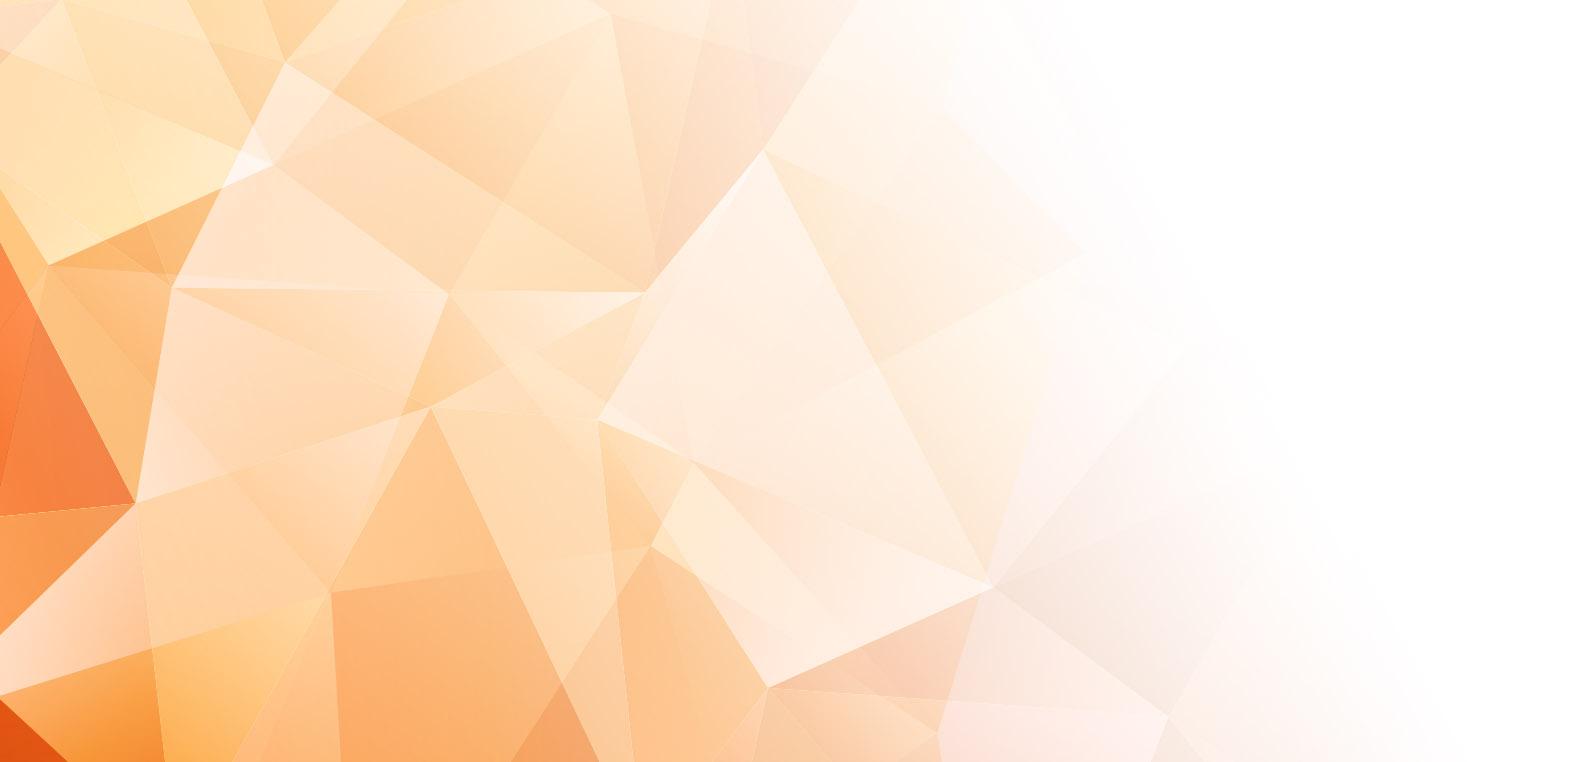 banner Regional educational institute graphic design training